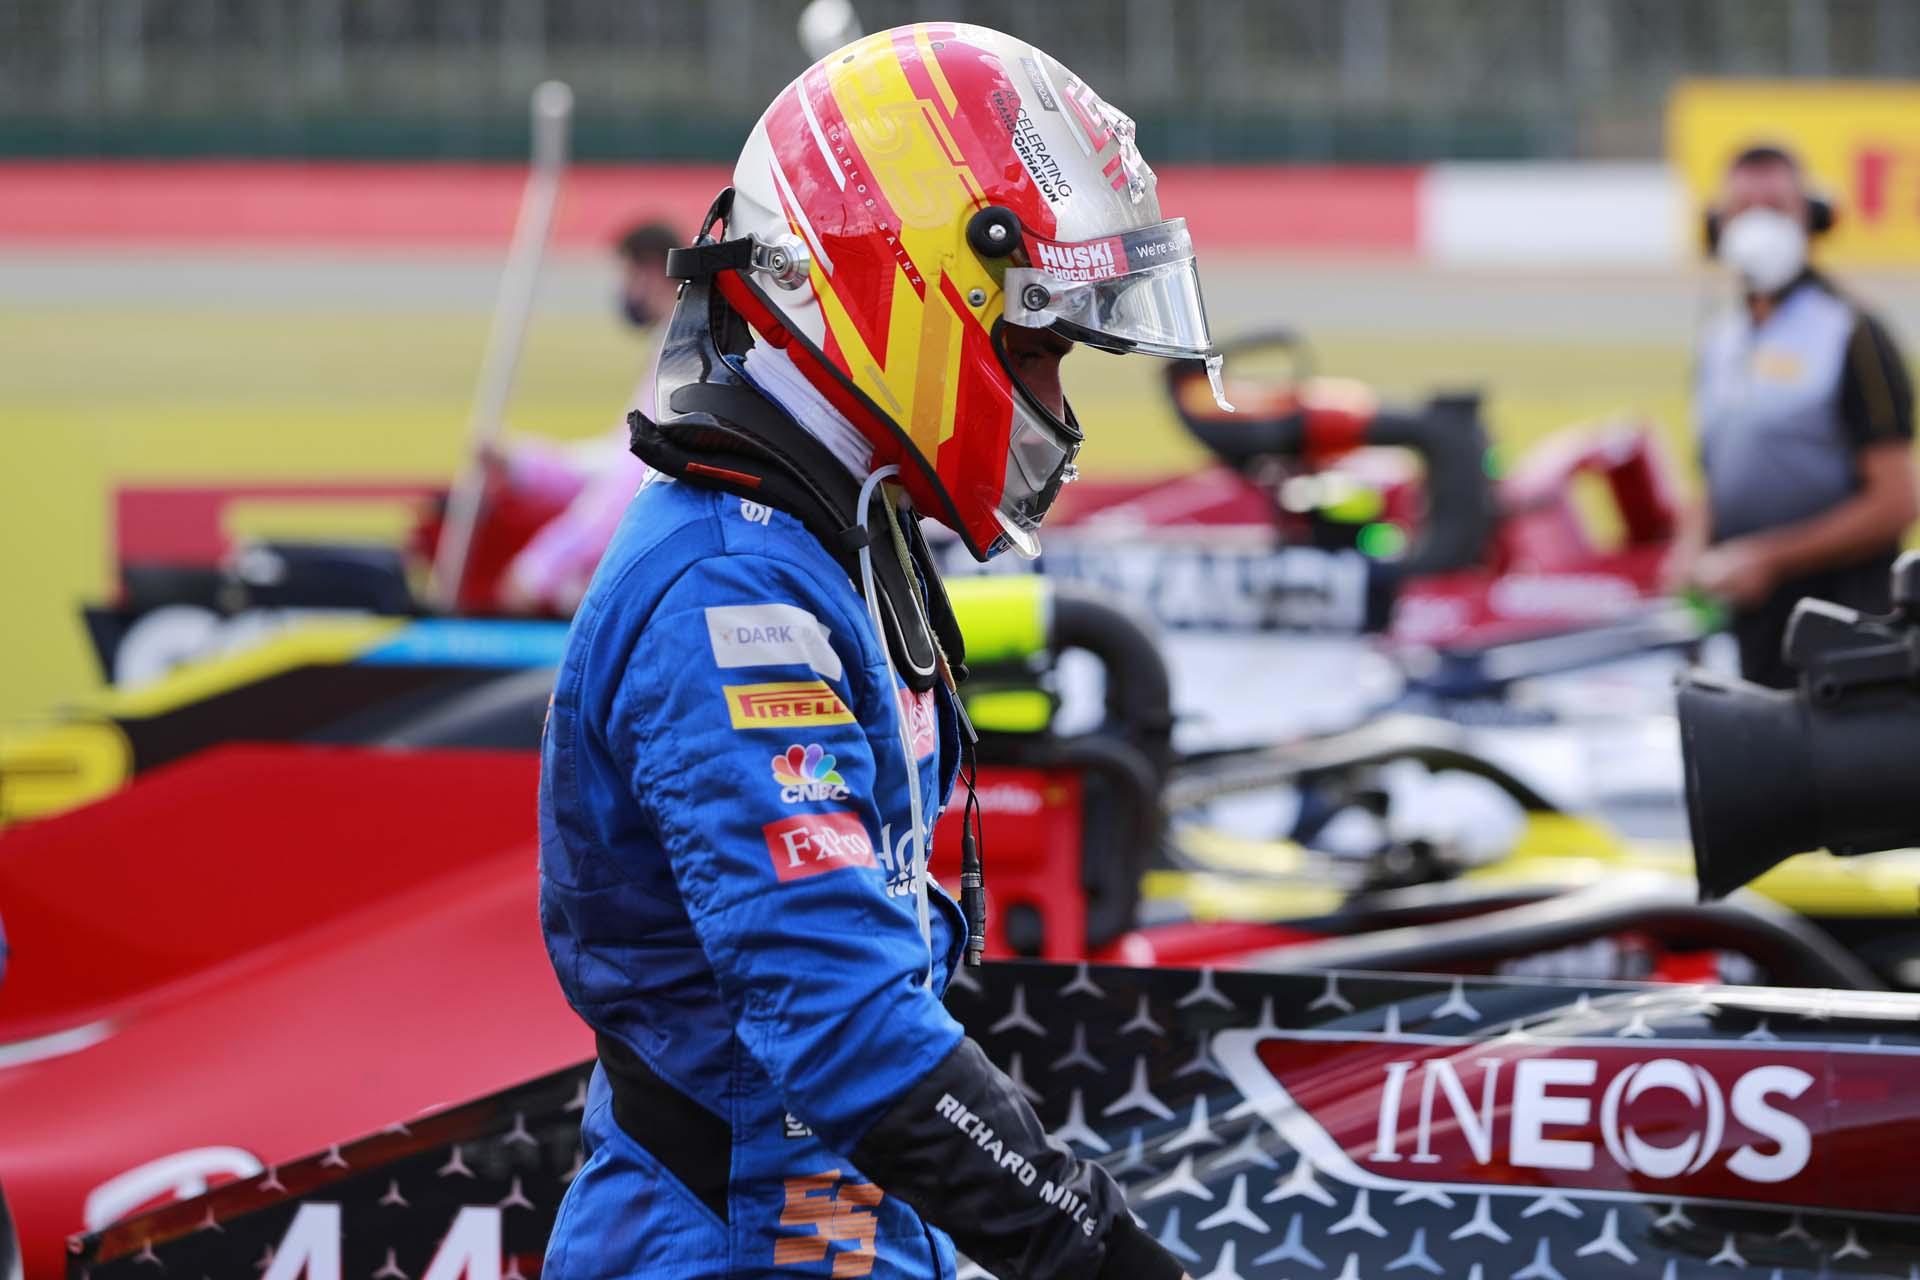 Carlos Sainz, McLaren, arrives in Parc Ferme